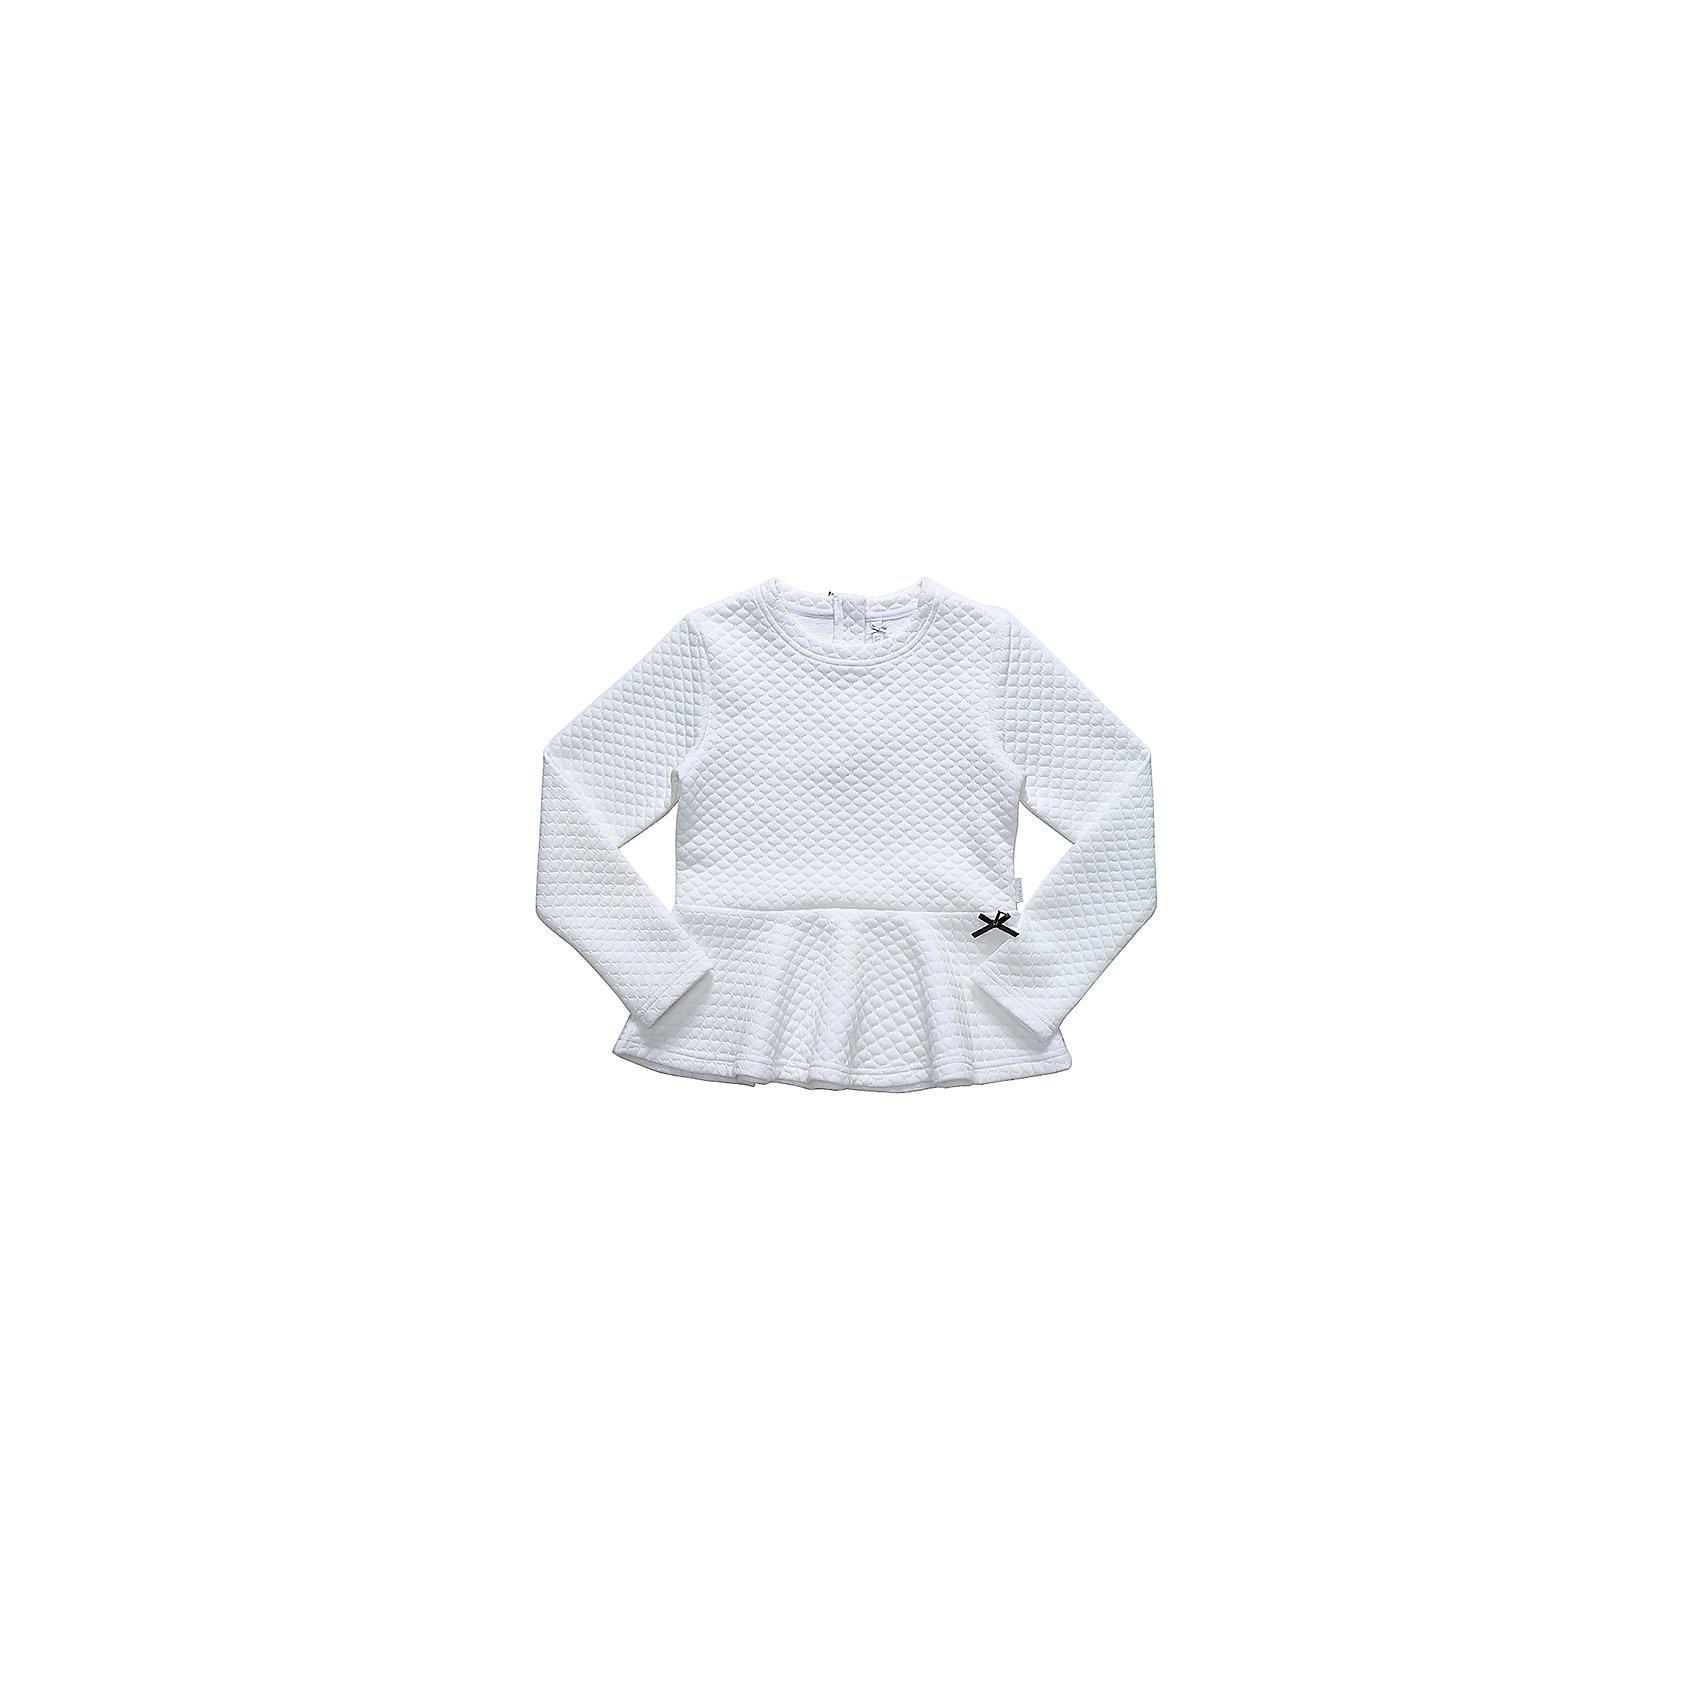 Блузка для девочки LuminosoБлузки и рубашки<br>Характеристики товара:<br><br>• цвет: белый;<br>• состав: 65% хлопок 35% полиэстер;<br>• сезон: демисезон;<br>• особенности: школьная, однотонная;<br>• с длинным рукавом:<br>• декорирована баской;<br>• страна бренда: Россия;<br>• страна производства: Китай.<br><br>Школьная блузка с длинным рукавом для девочки. Белая блузка декорирована баской.<br><br>Блузка для девочки Luminoso (Люминосо) можно купить в нашем интернет-магазине.<br><br>Ширина мм: 186<br>Глубина мм: 87<br>Высота мм: 198<br>Вес г: 197<br>Цвет: белый<br>Возраст от месяцев: 132<br>Возраст до месяцев: 144<br>Пол: Женский<br>Возраст: Детский<br>Размер: 152,164,122,128,134,140,146,158<br>SKU: 6672869